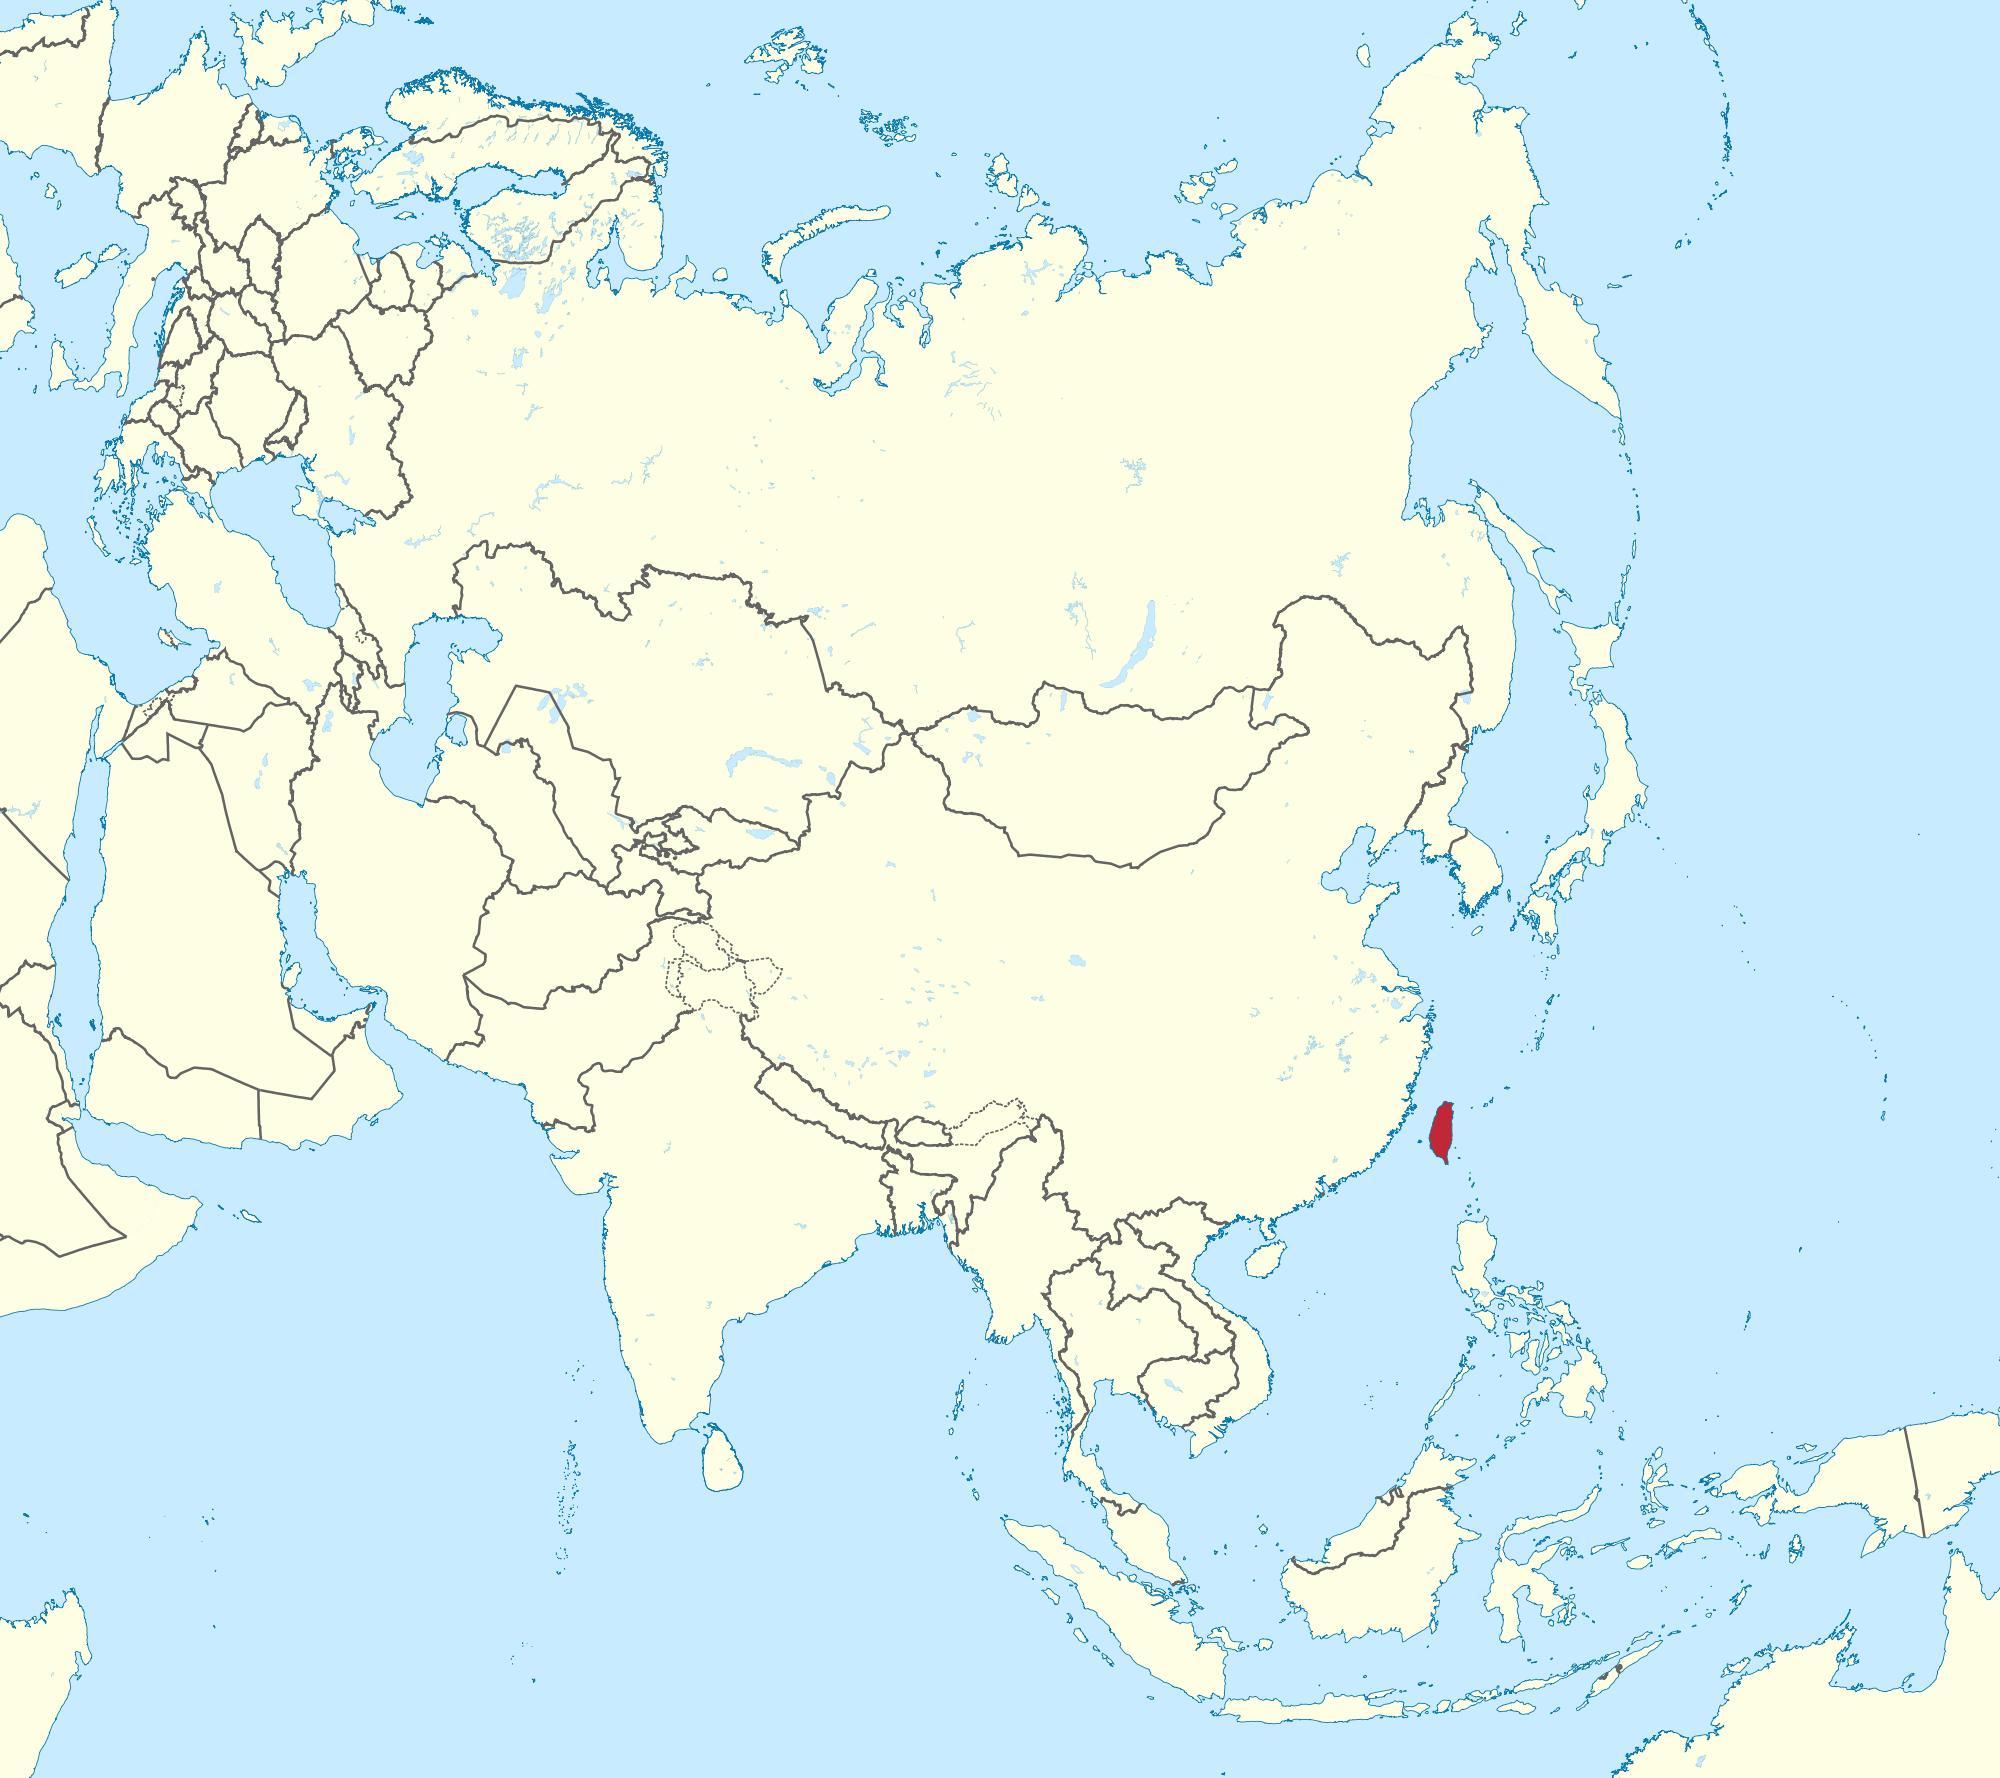 Carte Asie Taiwan.Carte De Taiwan Asie Taiwan De La Carte En Asie Asie De L